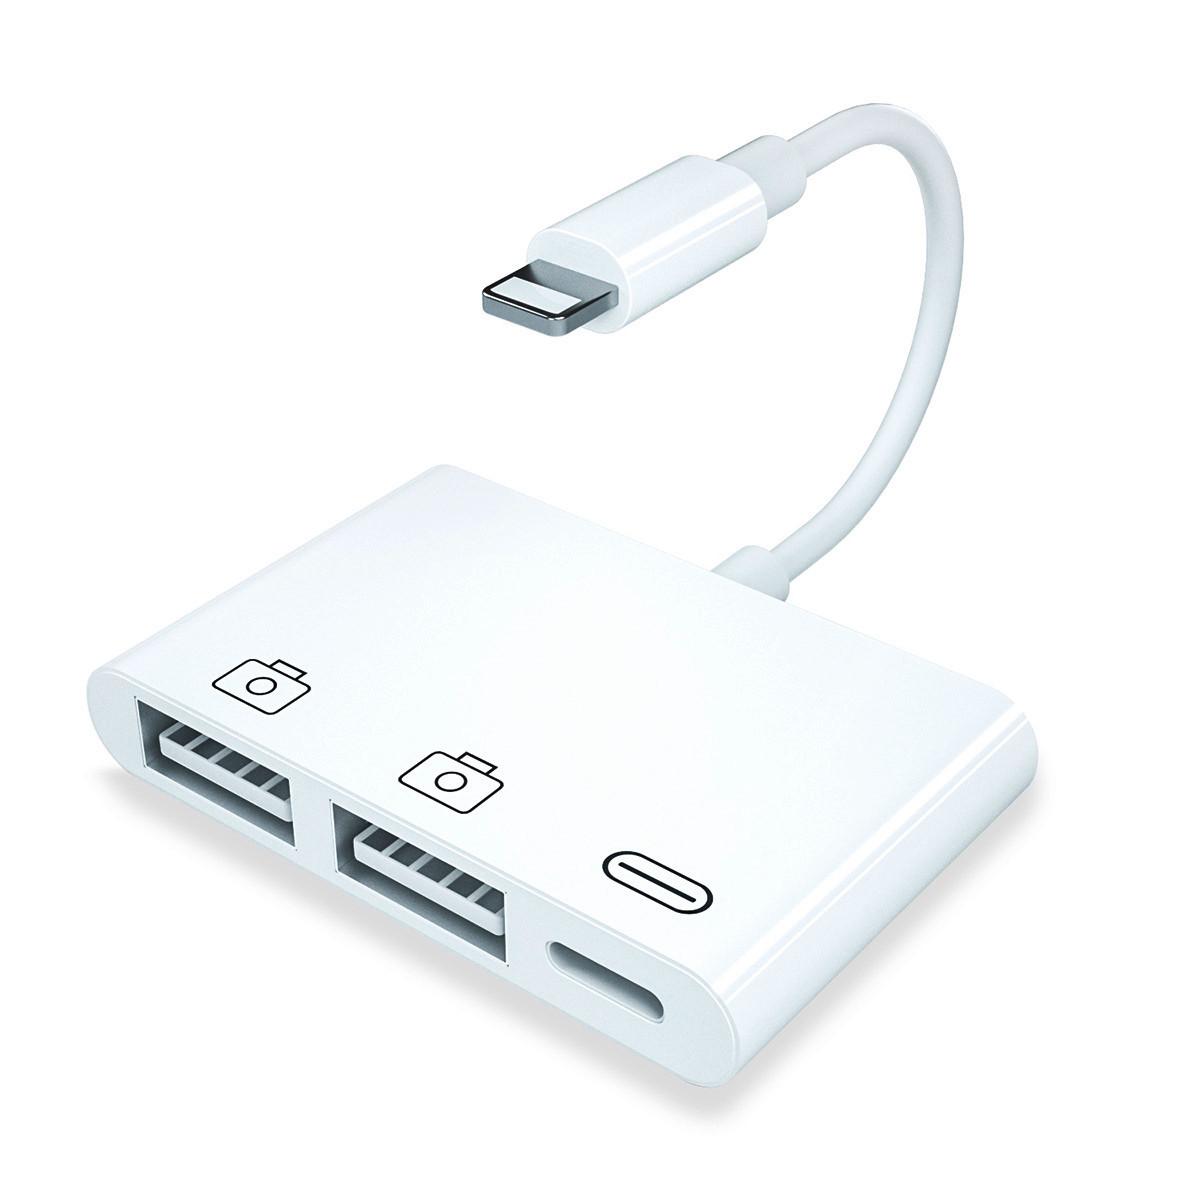 Перехідник Аpple Lightning to OTG usb для iPhone, iPad (MK0W2)